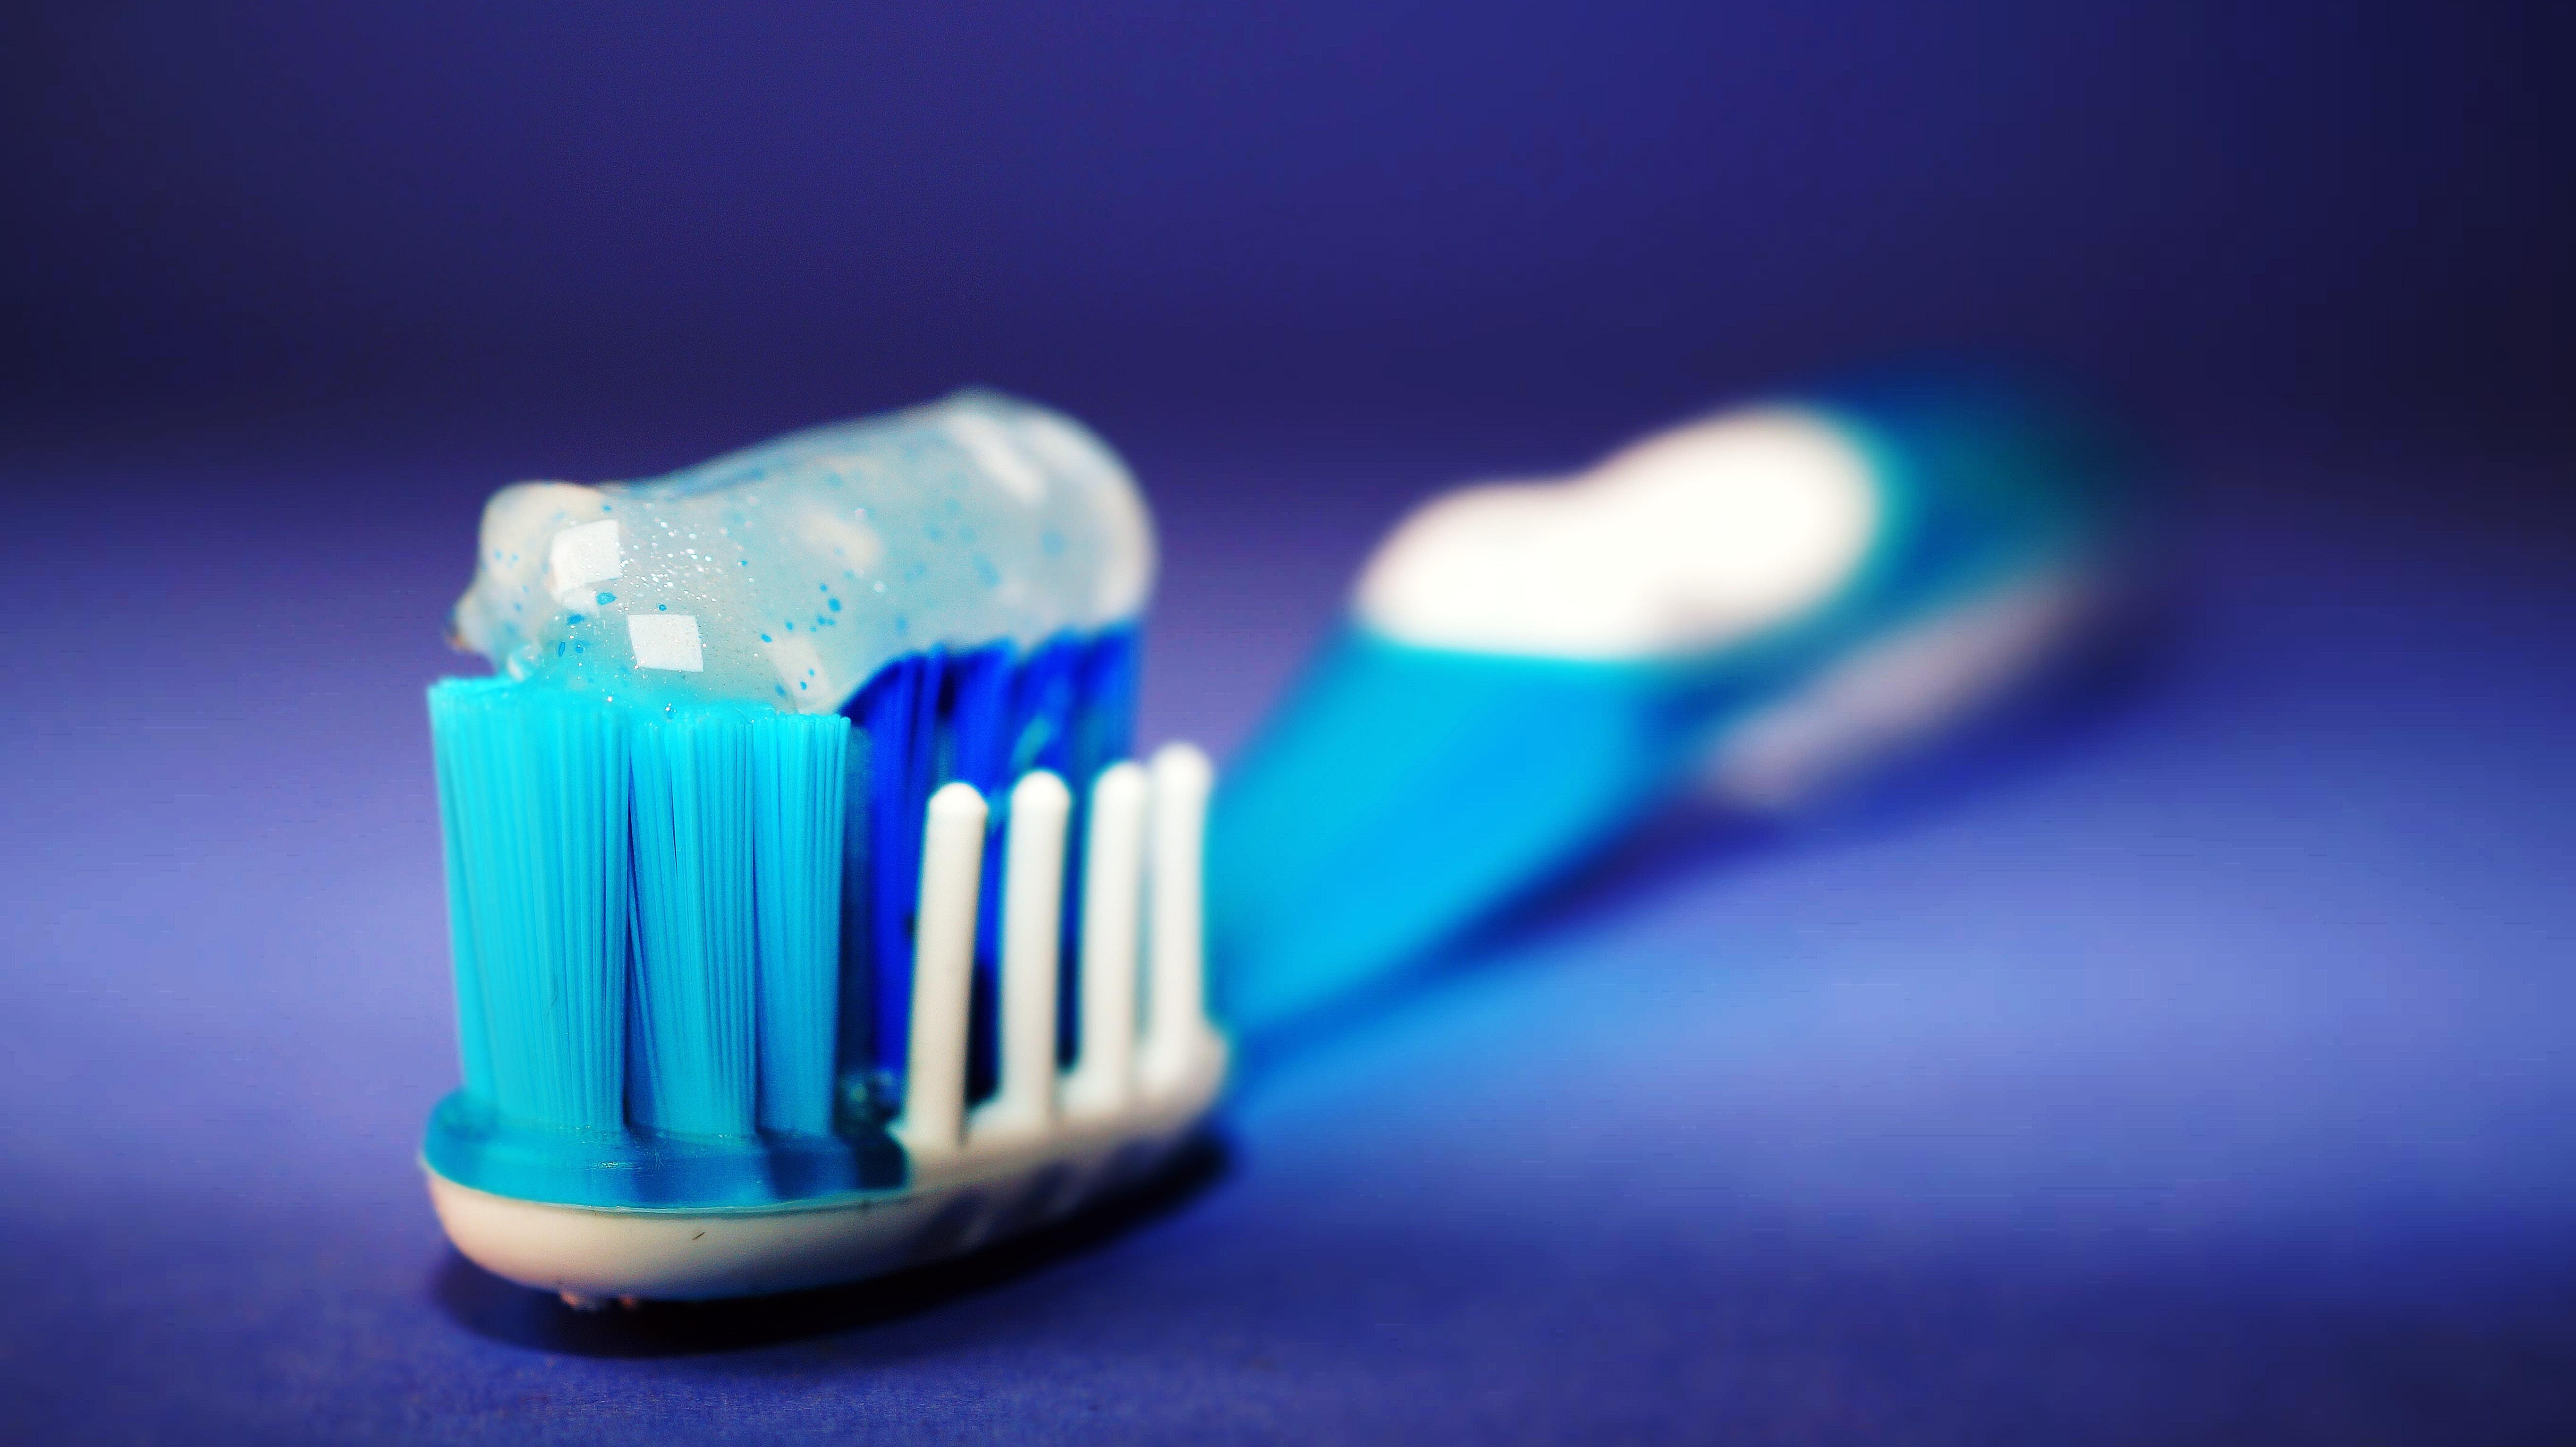 【你又中幾樣?】刷牙常見的8個錯誤習慣